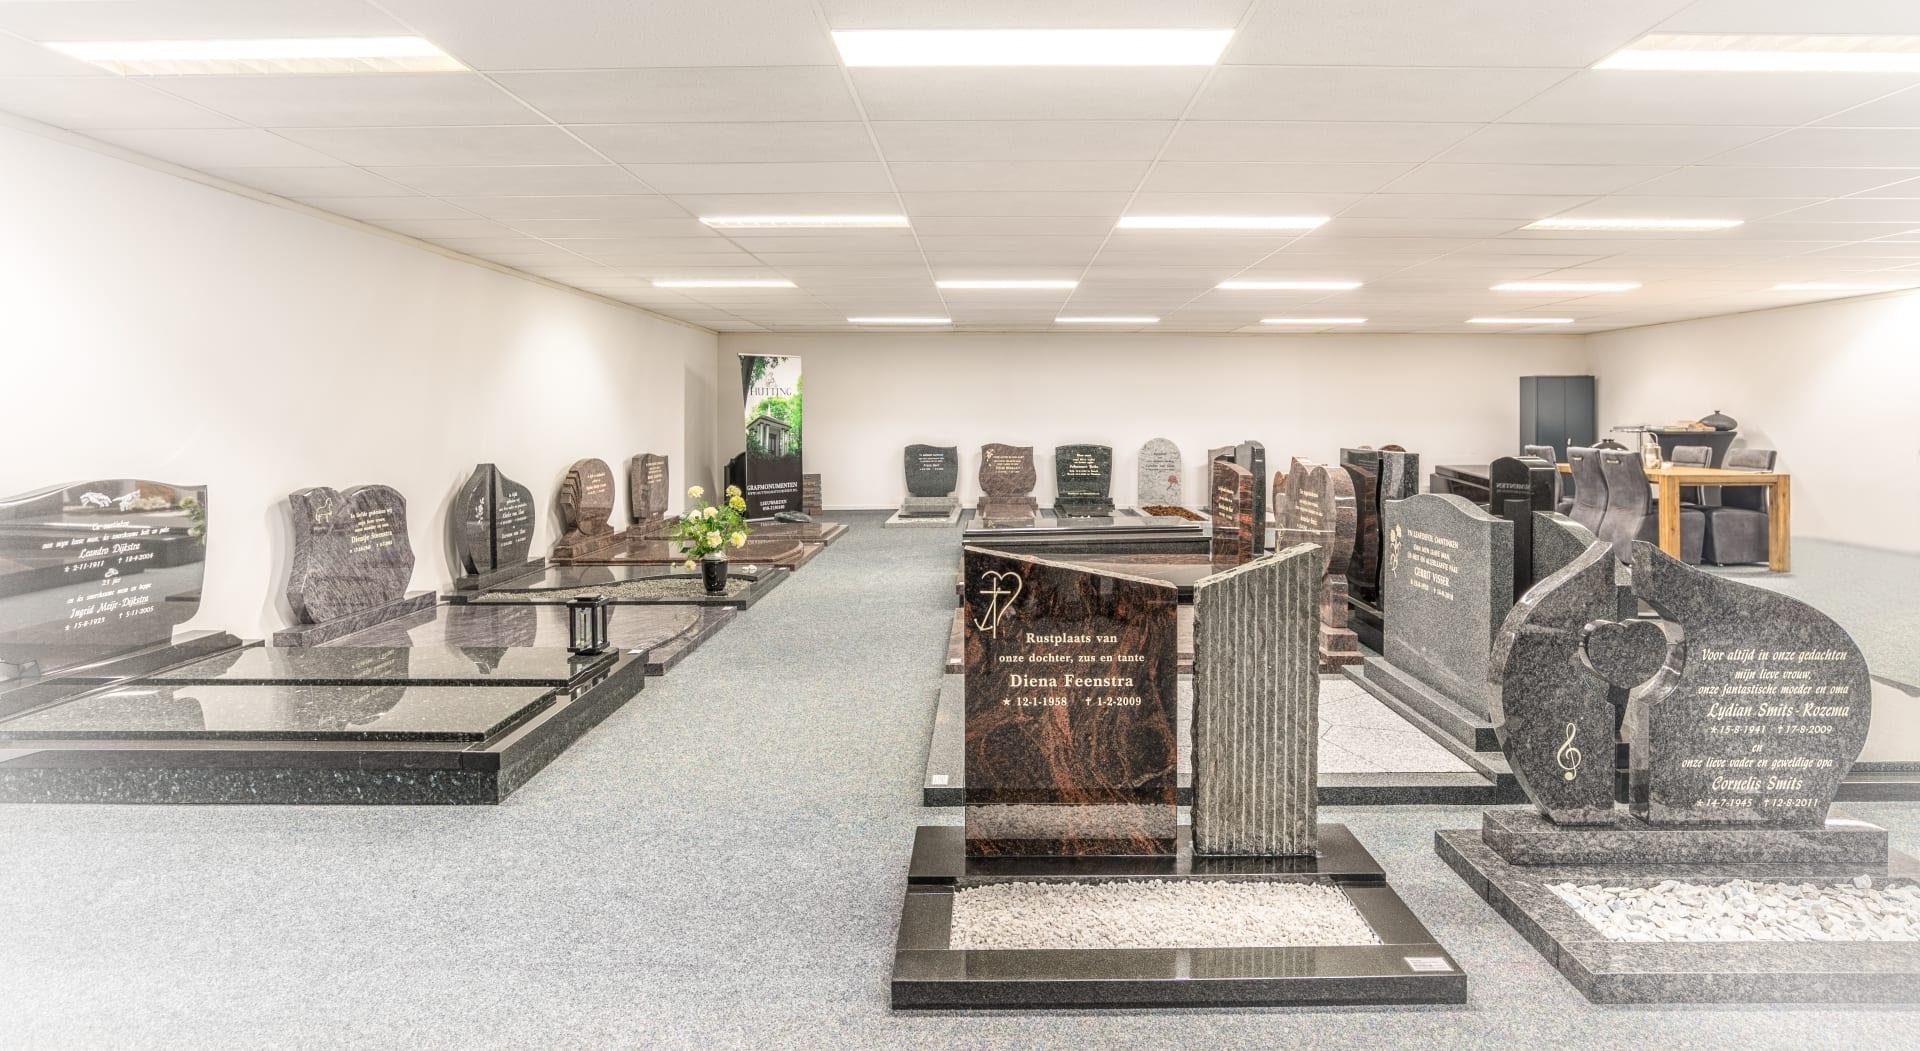 Vijftig monumenten opgesteld in de toonzaal in de Westereen